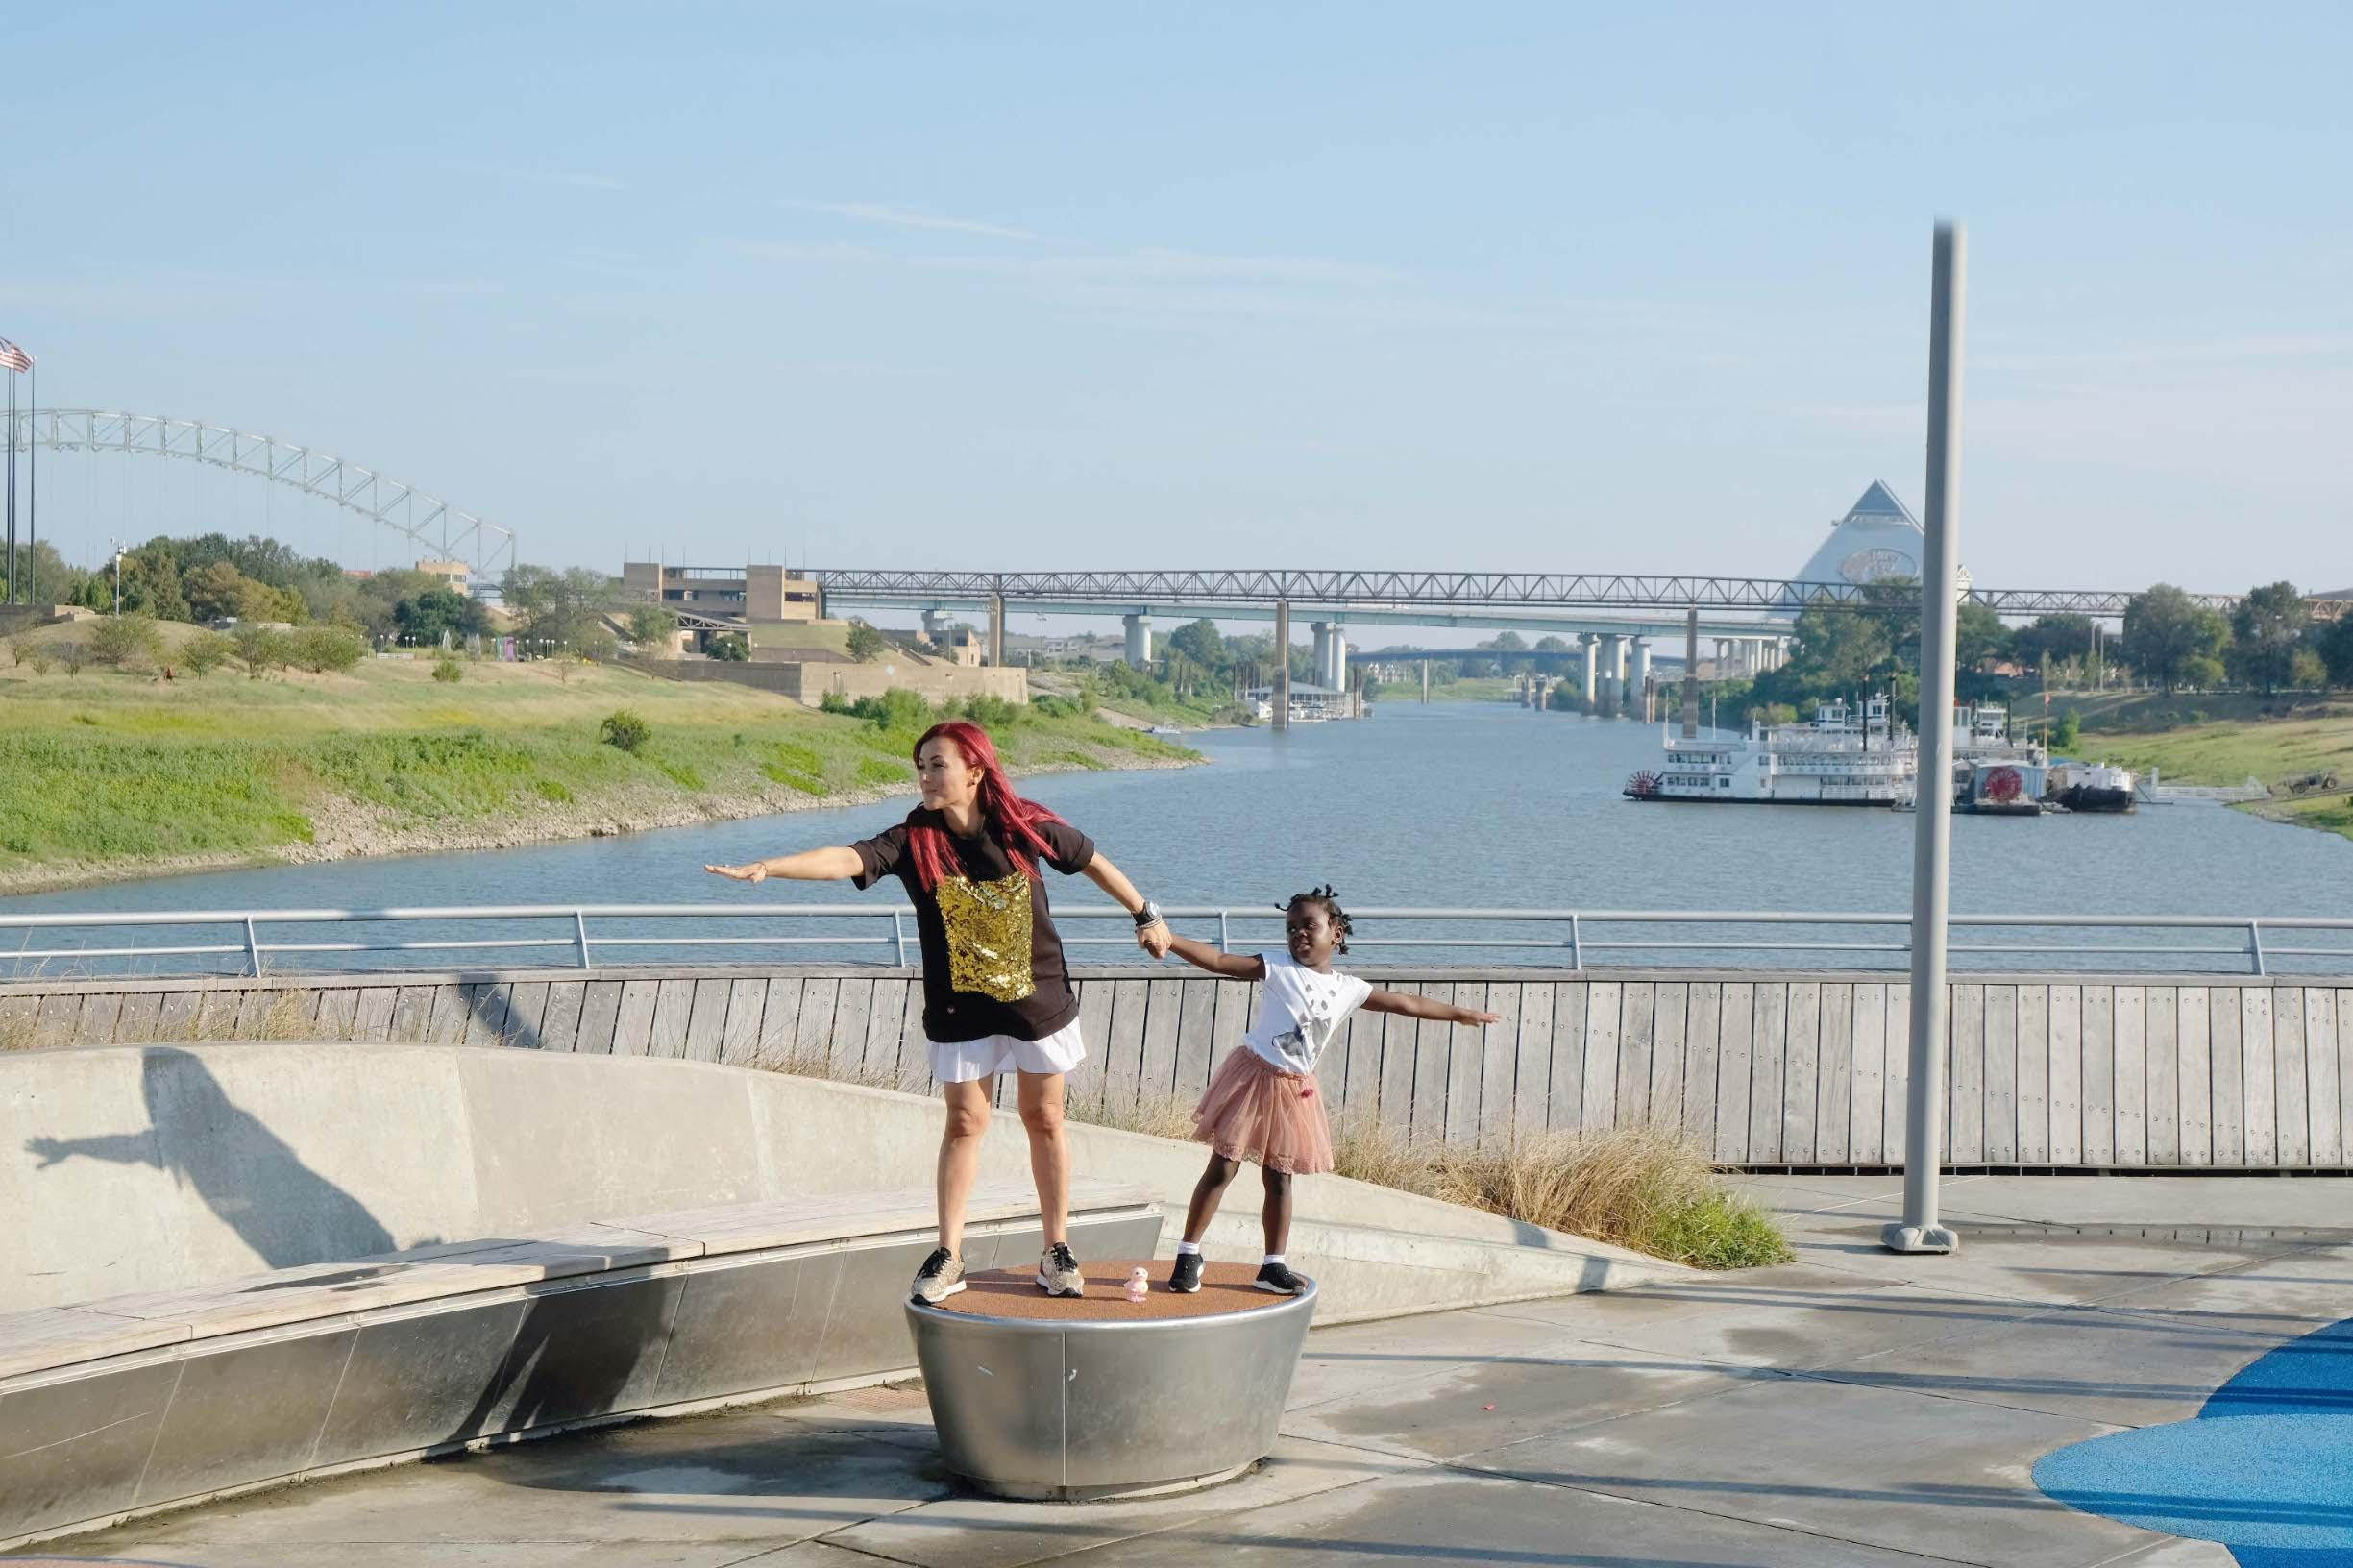 Pjevačicu i njezinu troipolgodišnju kćerkicu Salome oduševila je rijeka Mississippi, druga po dužini u Sjedinjenim Državama